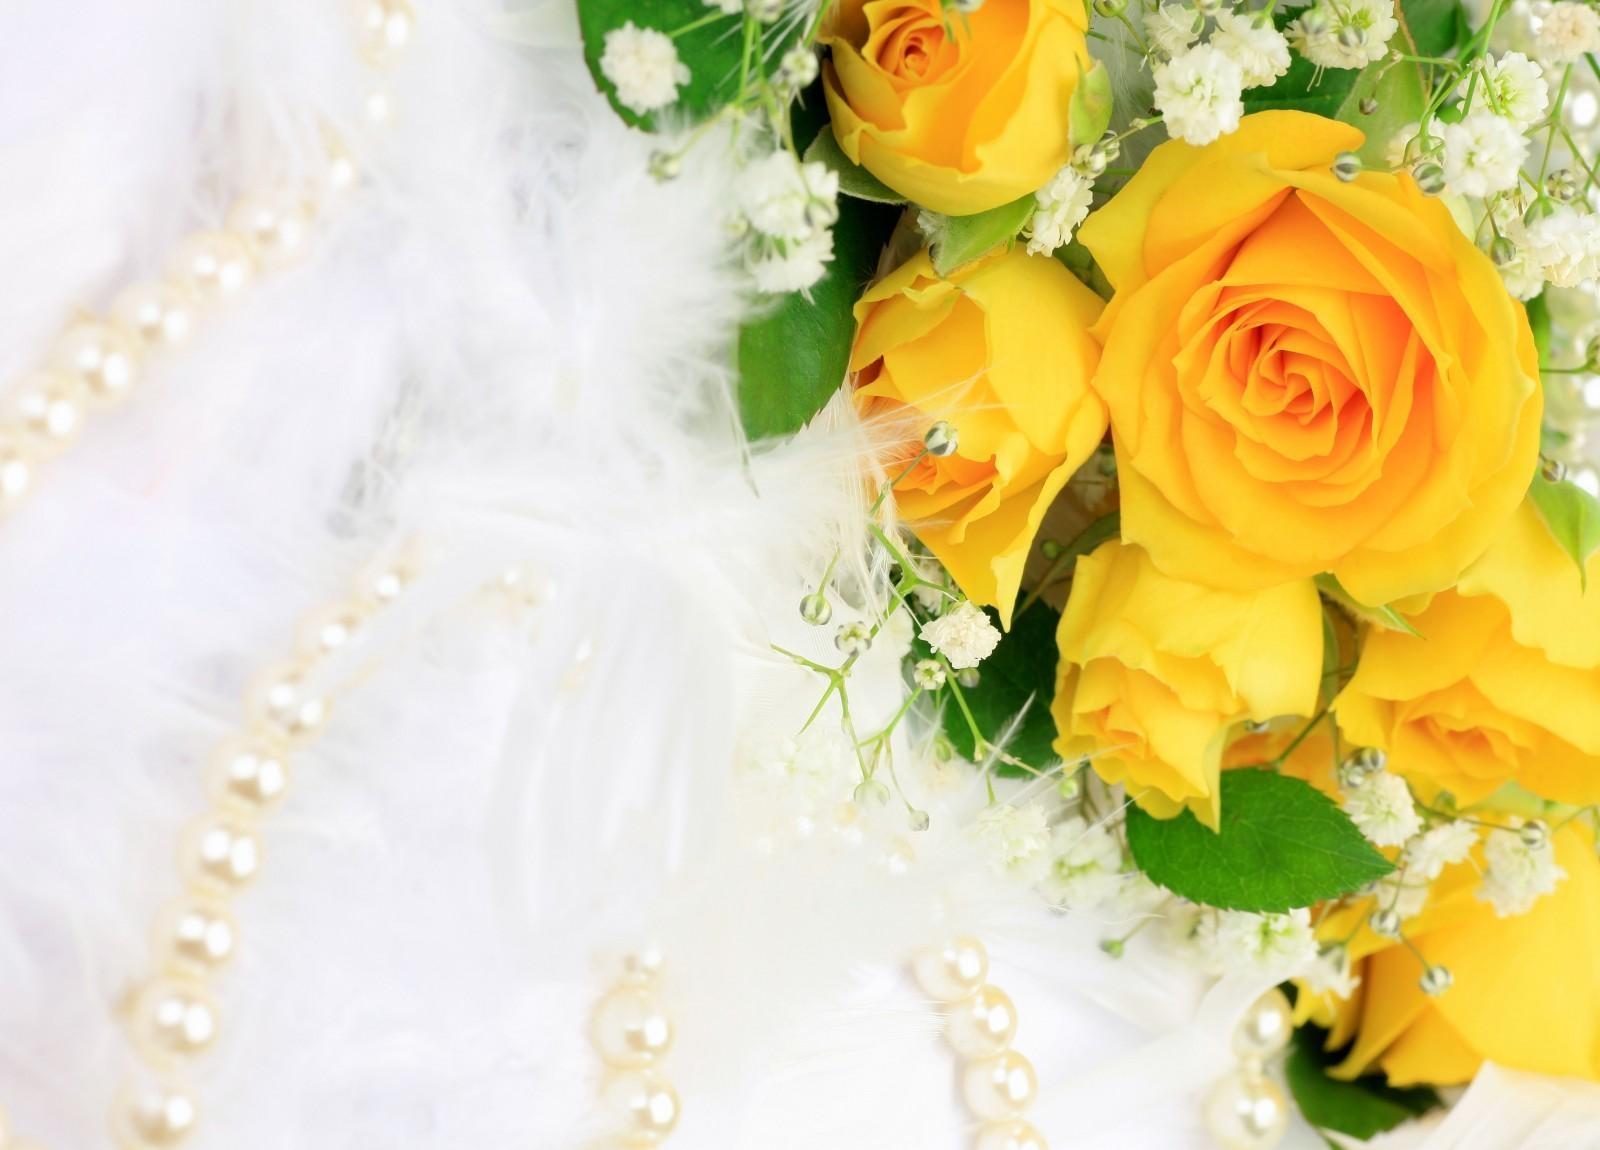 139543 скачать обои Цветы, Букет, Гипсофил, Жемчуг, Украшение, Розы - заставки и картинки бесплатно